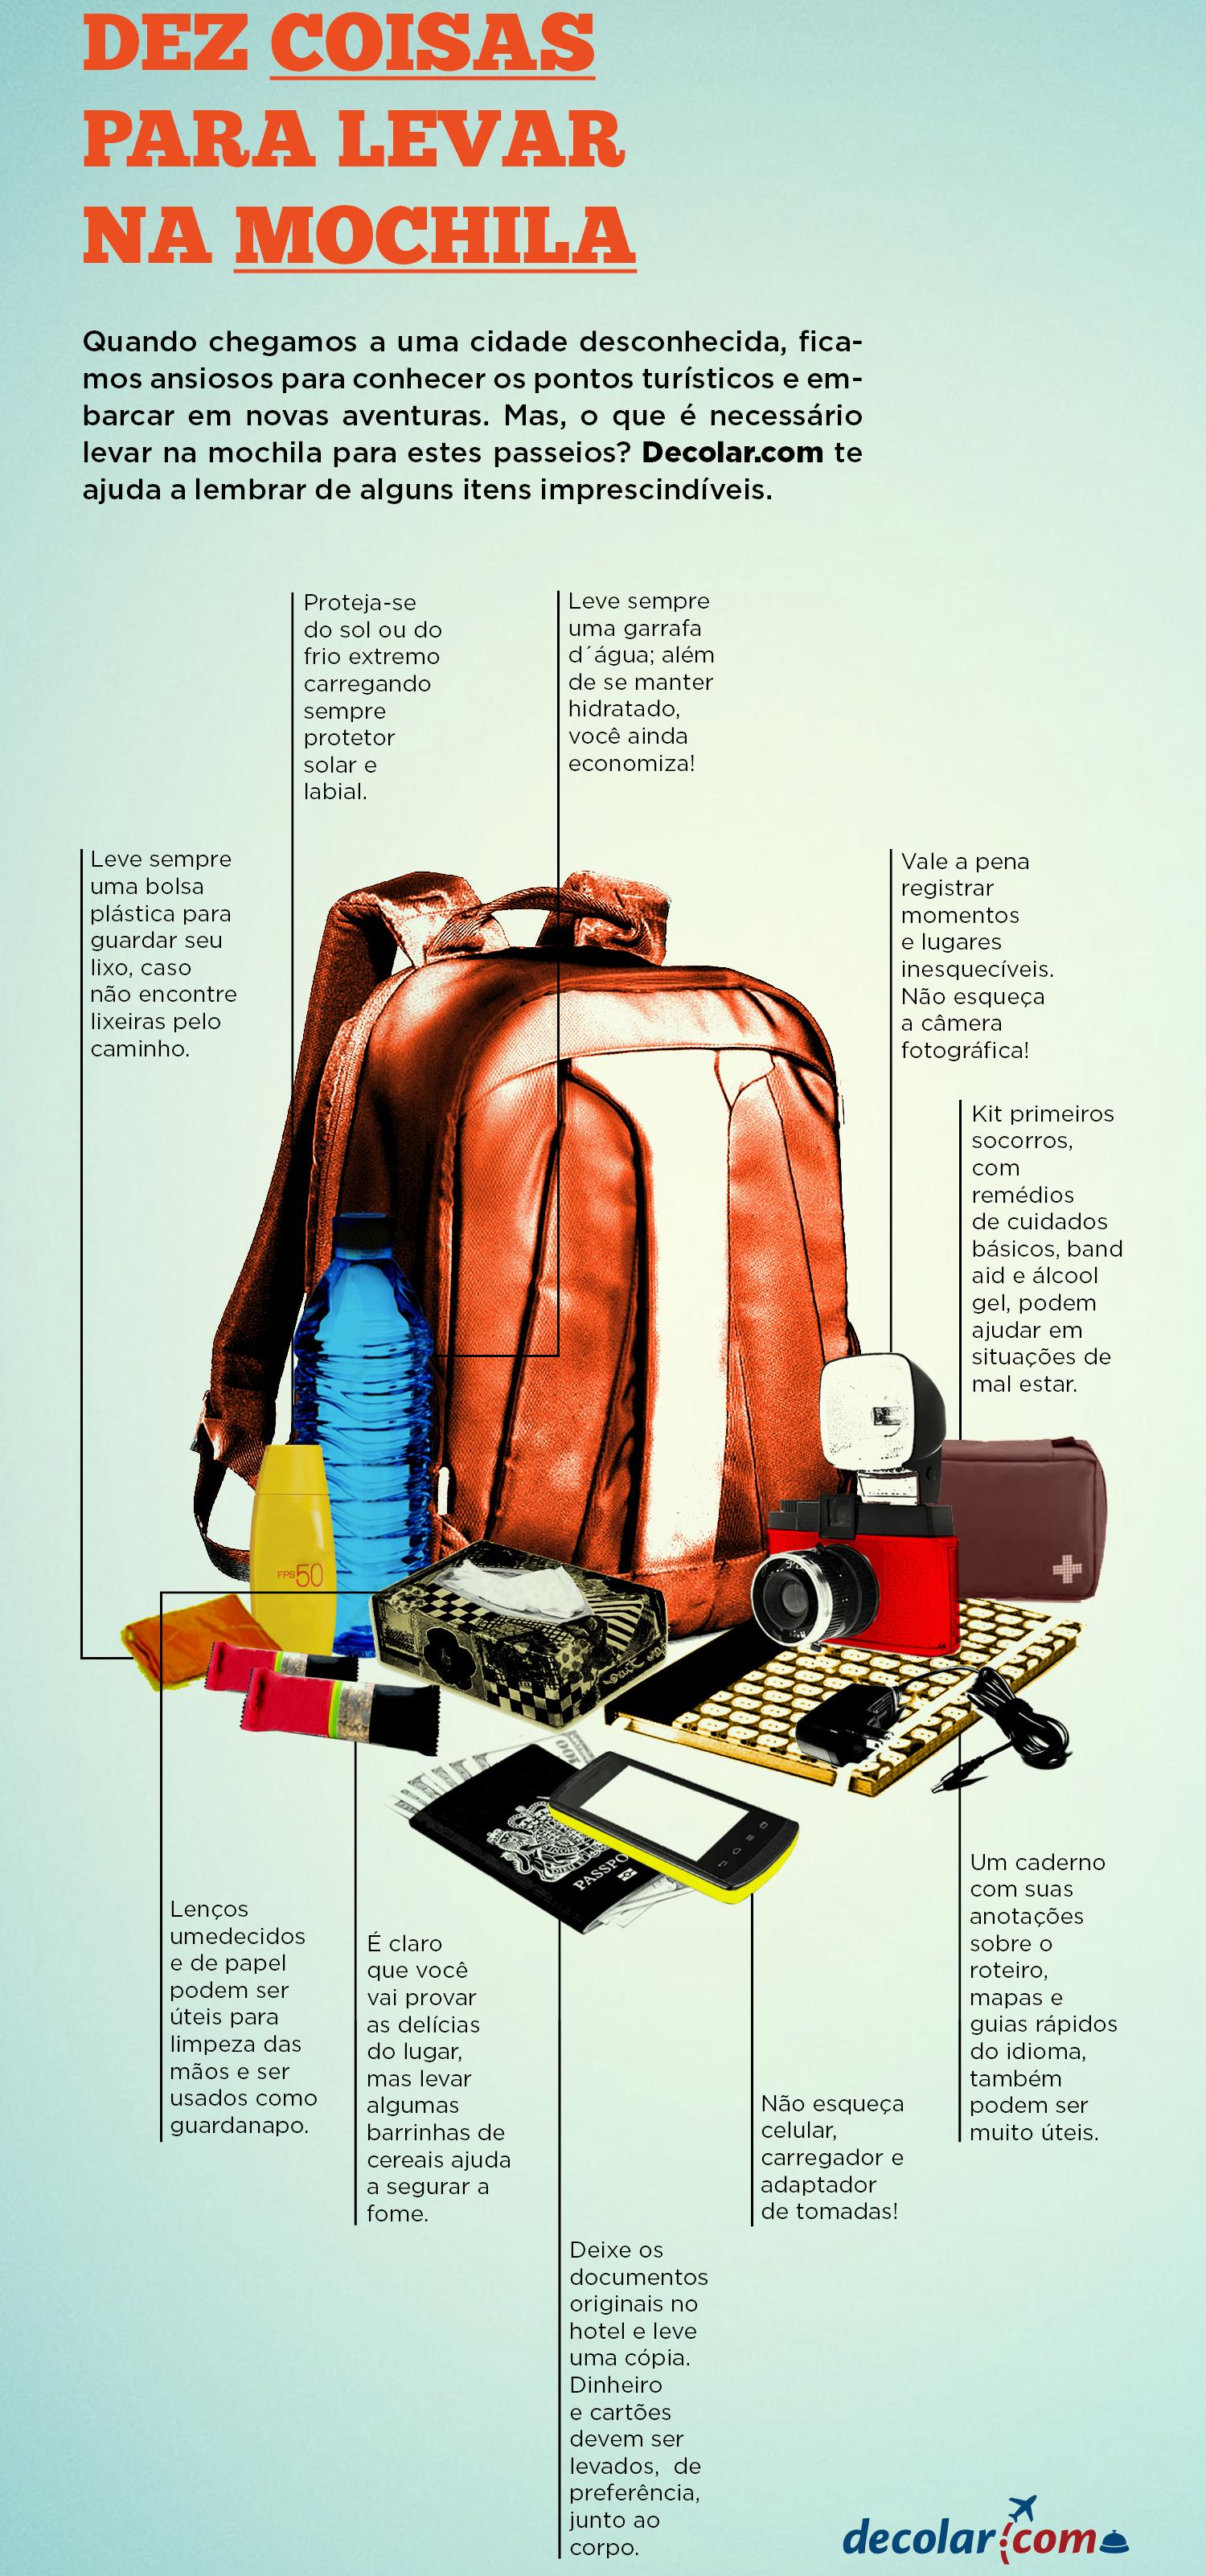 Imagem: Infográfico Decolar.com - 10 Coisas Que Não Podem Faltar na Mochila